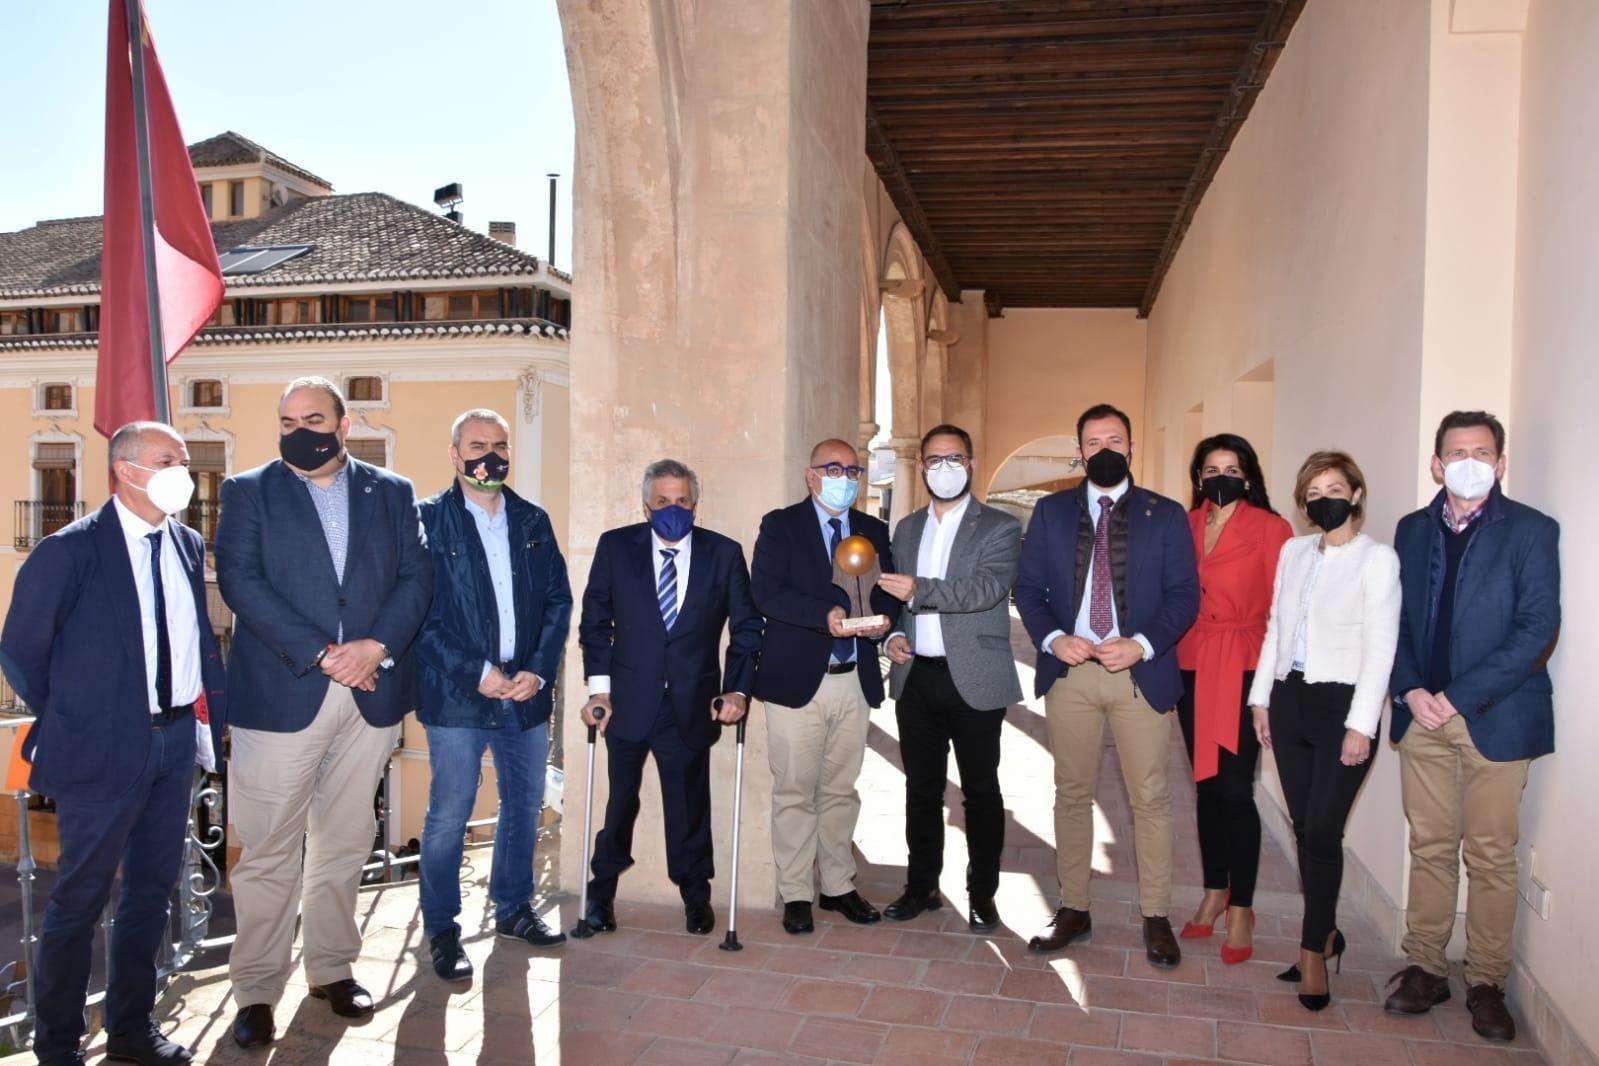 """El Ayuntamiento de Lorca acoge el fallo de la primera edición de los 'Premios Gigantes 2020' otorgados por la Fundación """"Iniciativas El Gigante"""""""